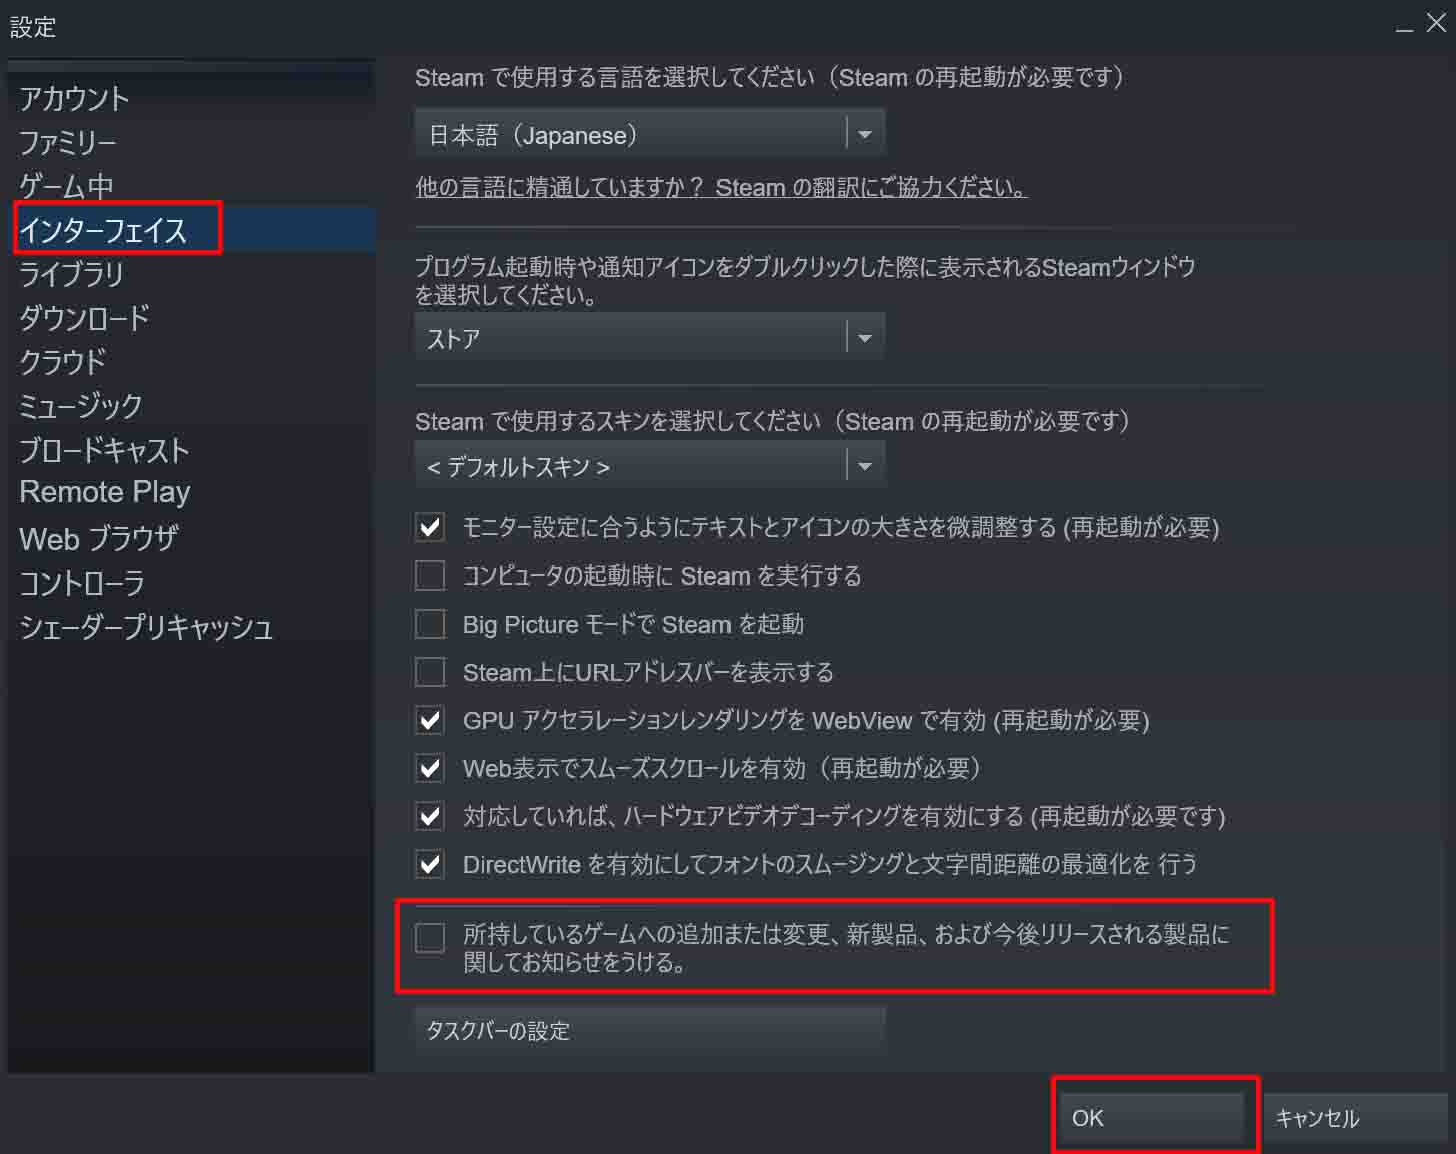 「所持しているゲームへの追加または変更、新製品、および今後リリースされる製品に関してのお知らせを受け取る。」のチェックを外す